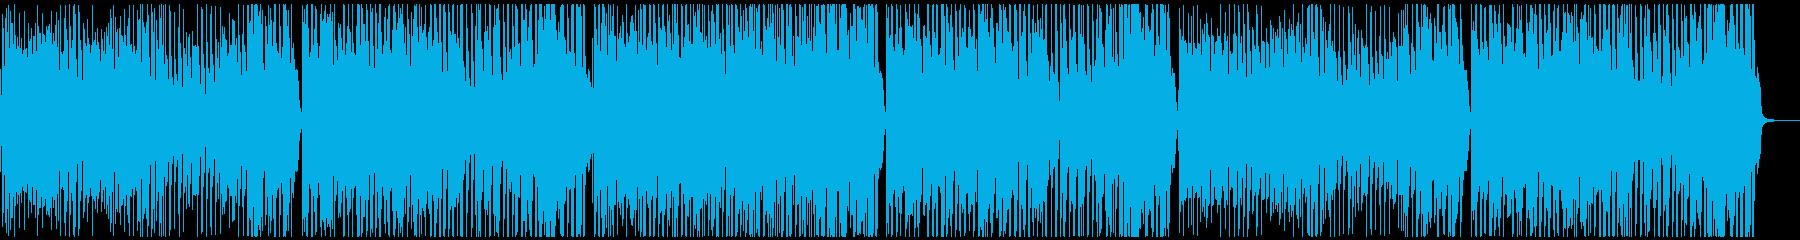 明るく楽しい元気な曲の再生済みの波形